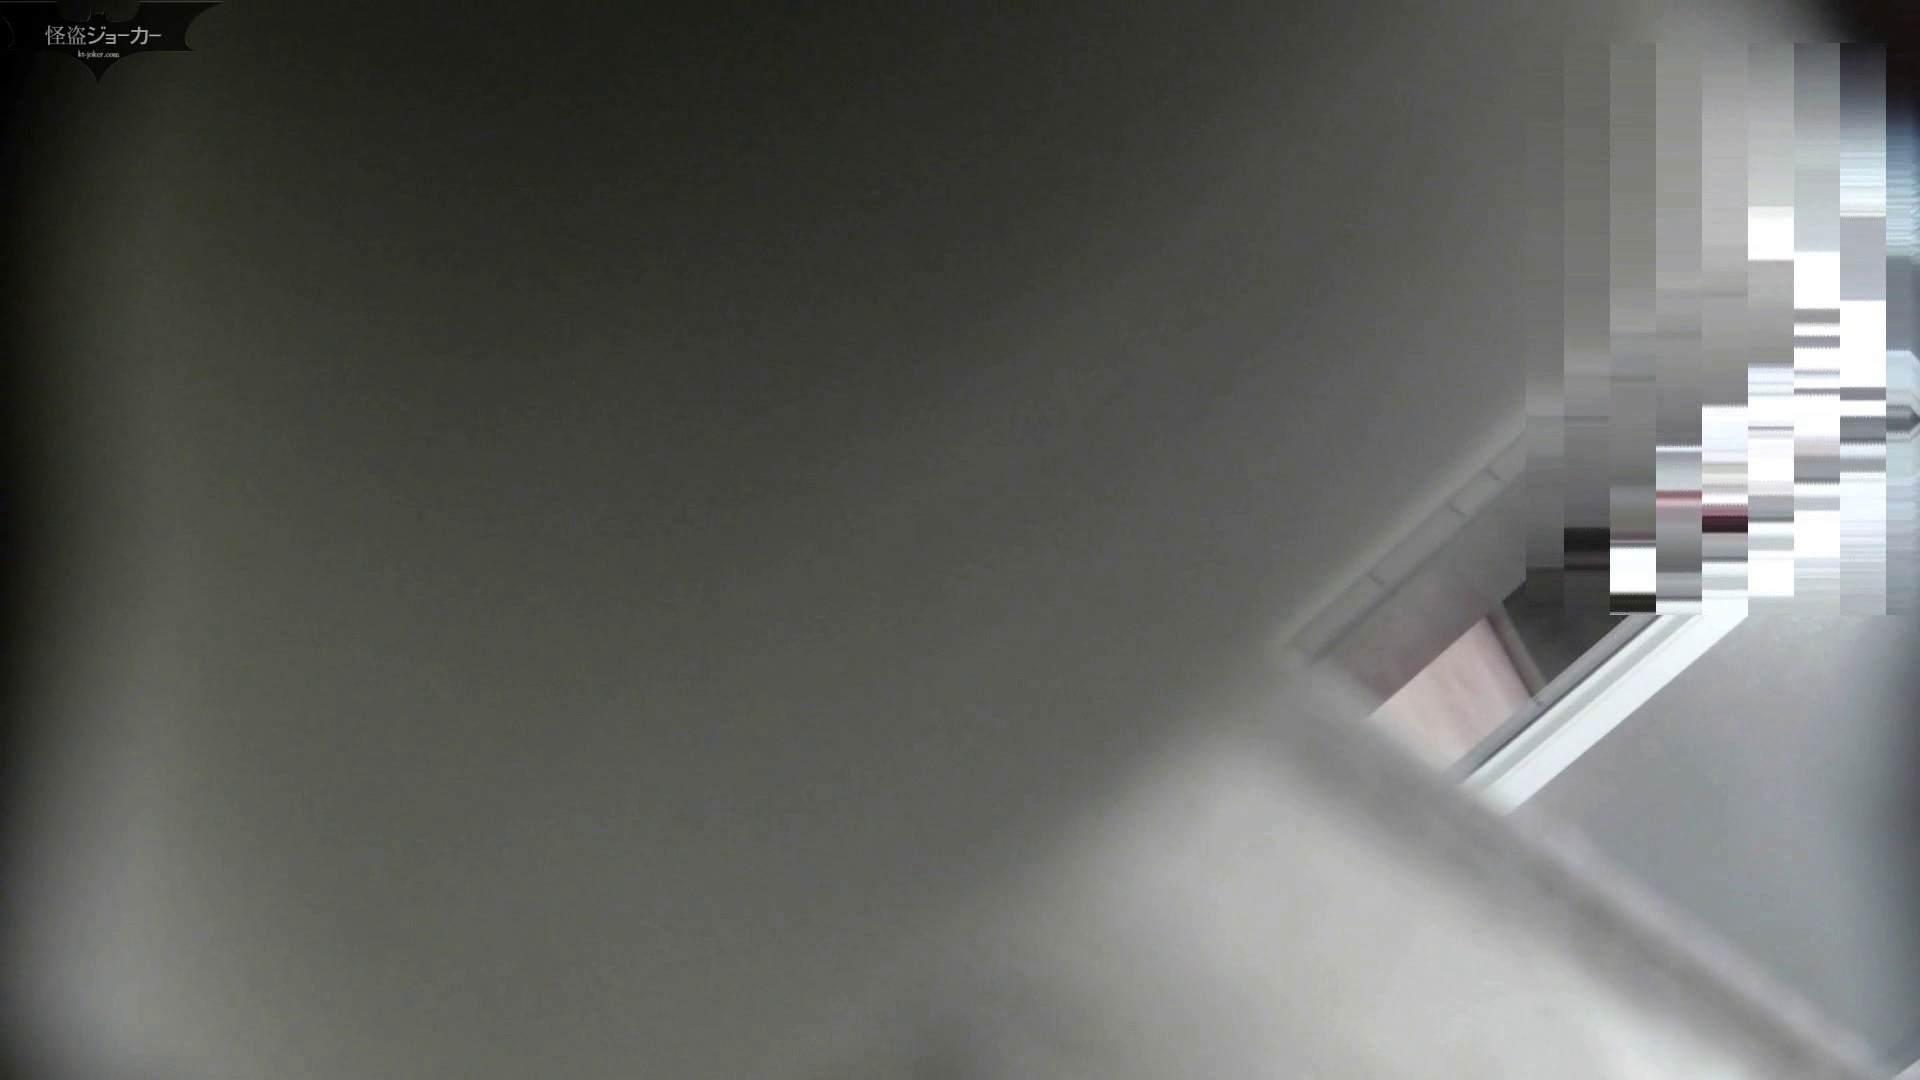 【美しき個室な世界】洗面所特攻隊 vol.051 洗面所 | OLのボディ  72PIX 25